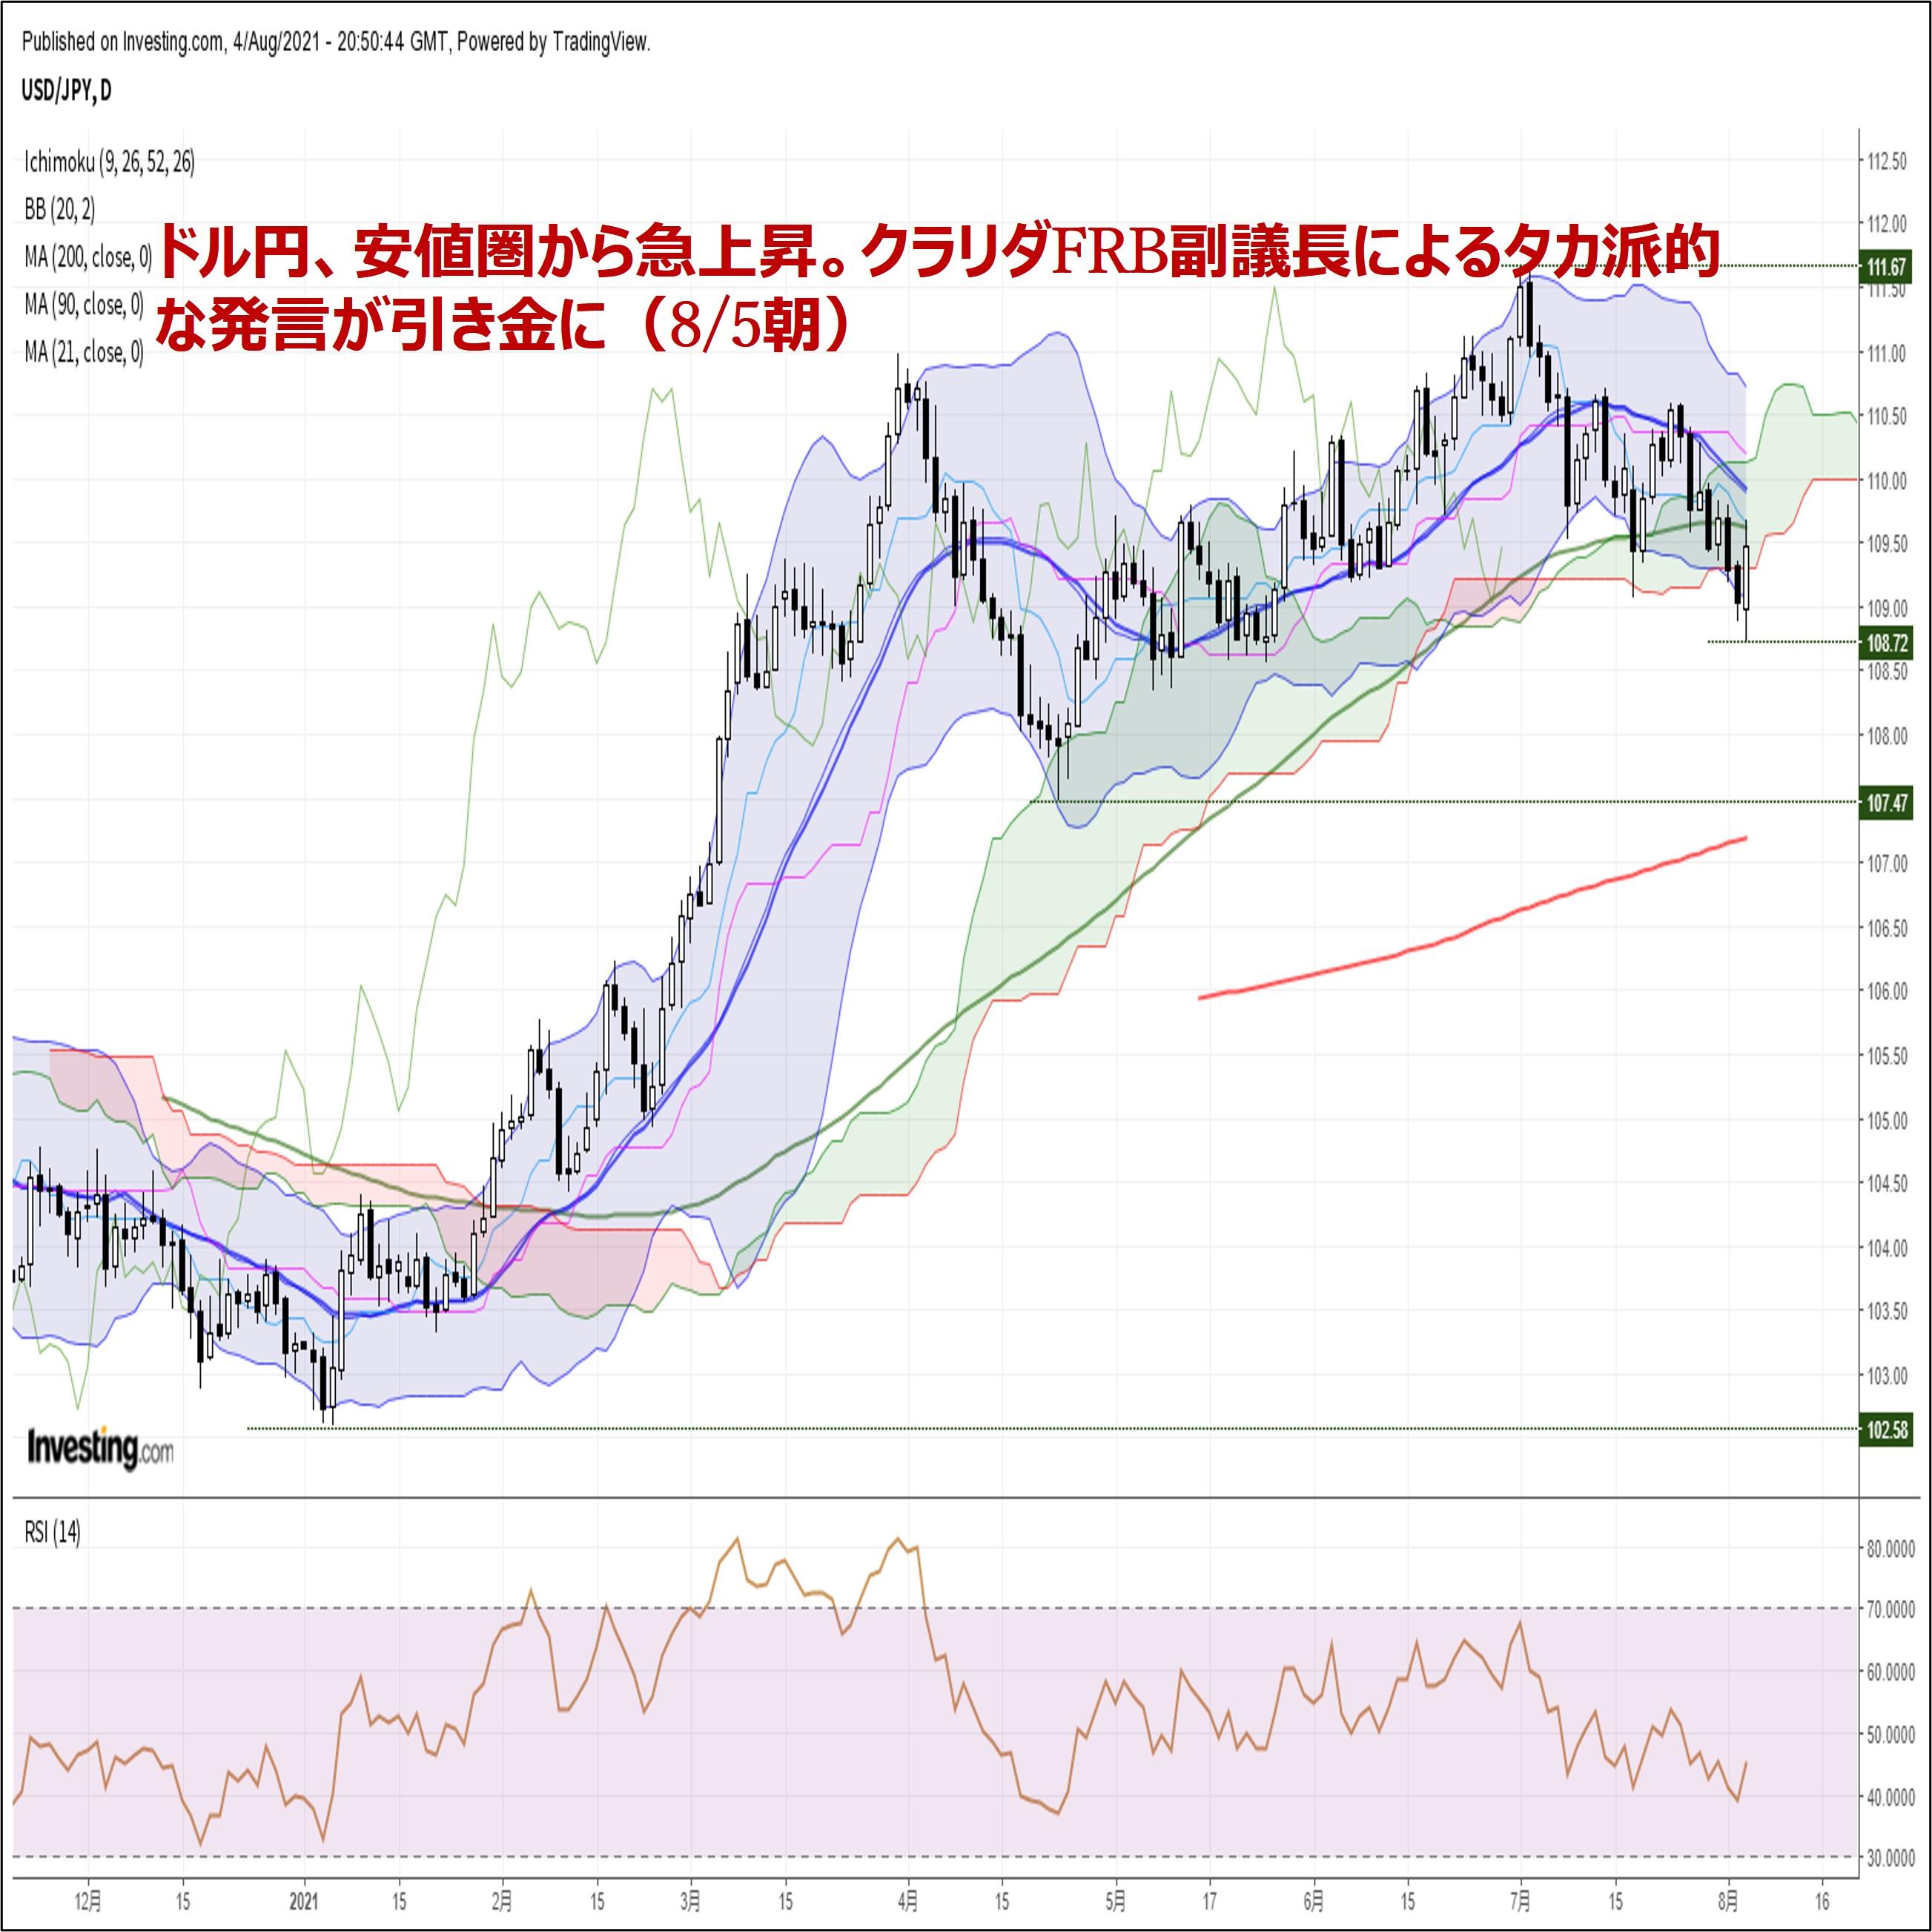 ドル円、安値圏から急上昇。クラリダFRB副議長によるタカ派的な発言が引き金に